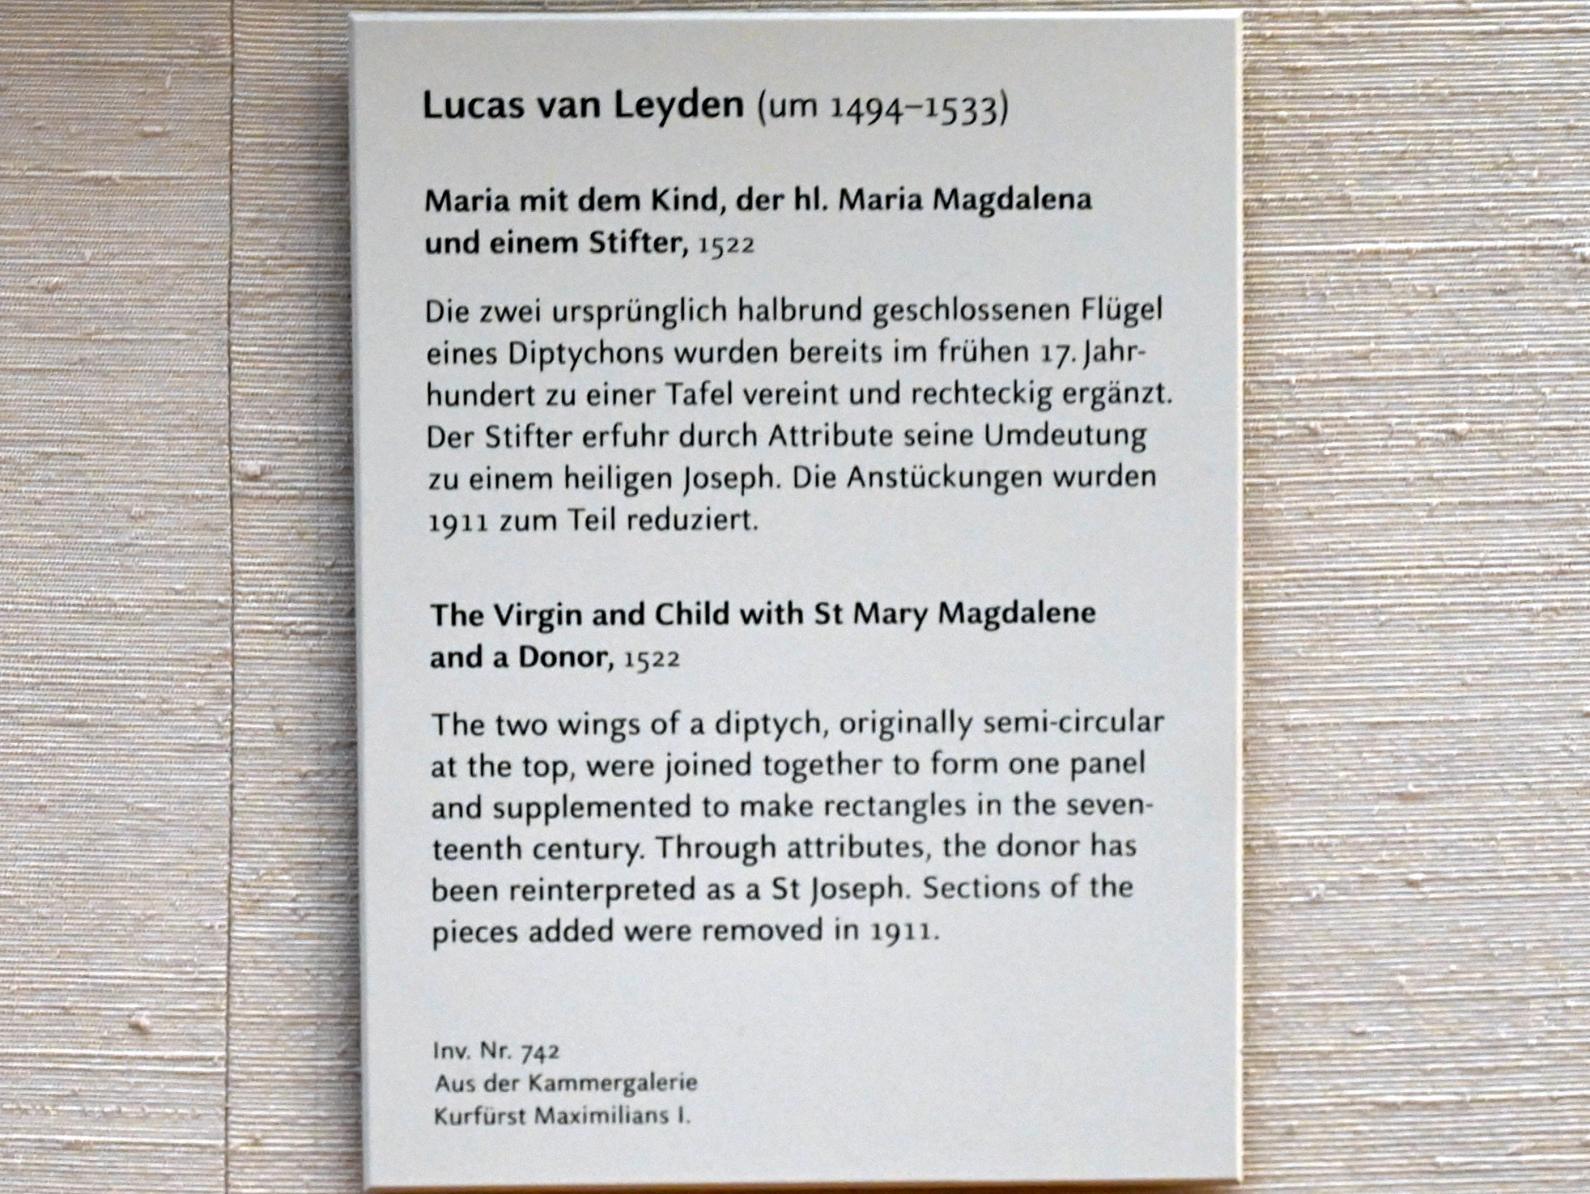 Lucas van Leyden: Maria mit dem Kind, der hl. Maria Magdalena und einem Stifter, 1522, Bild 2/2